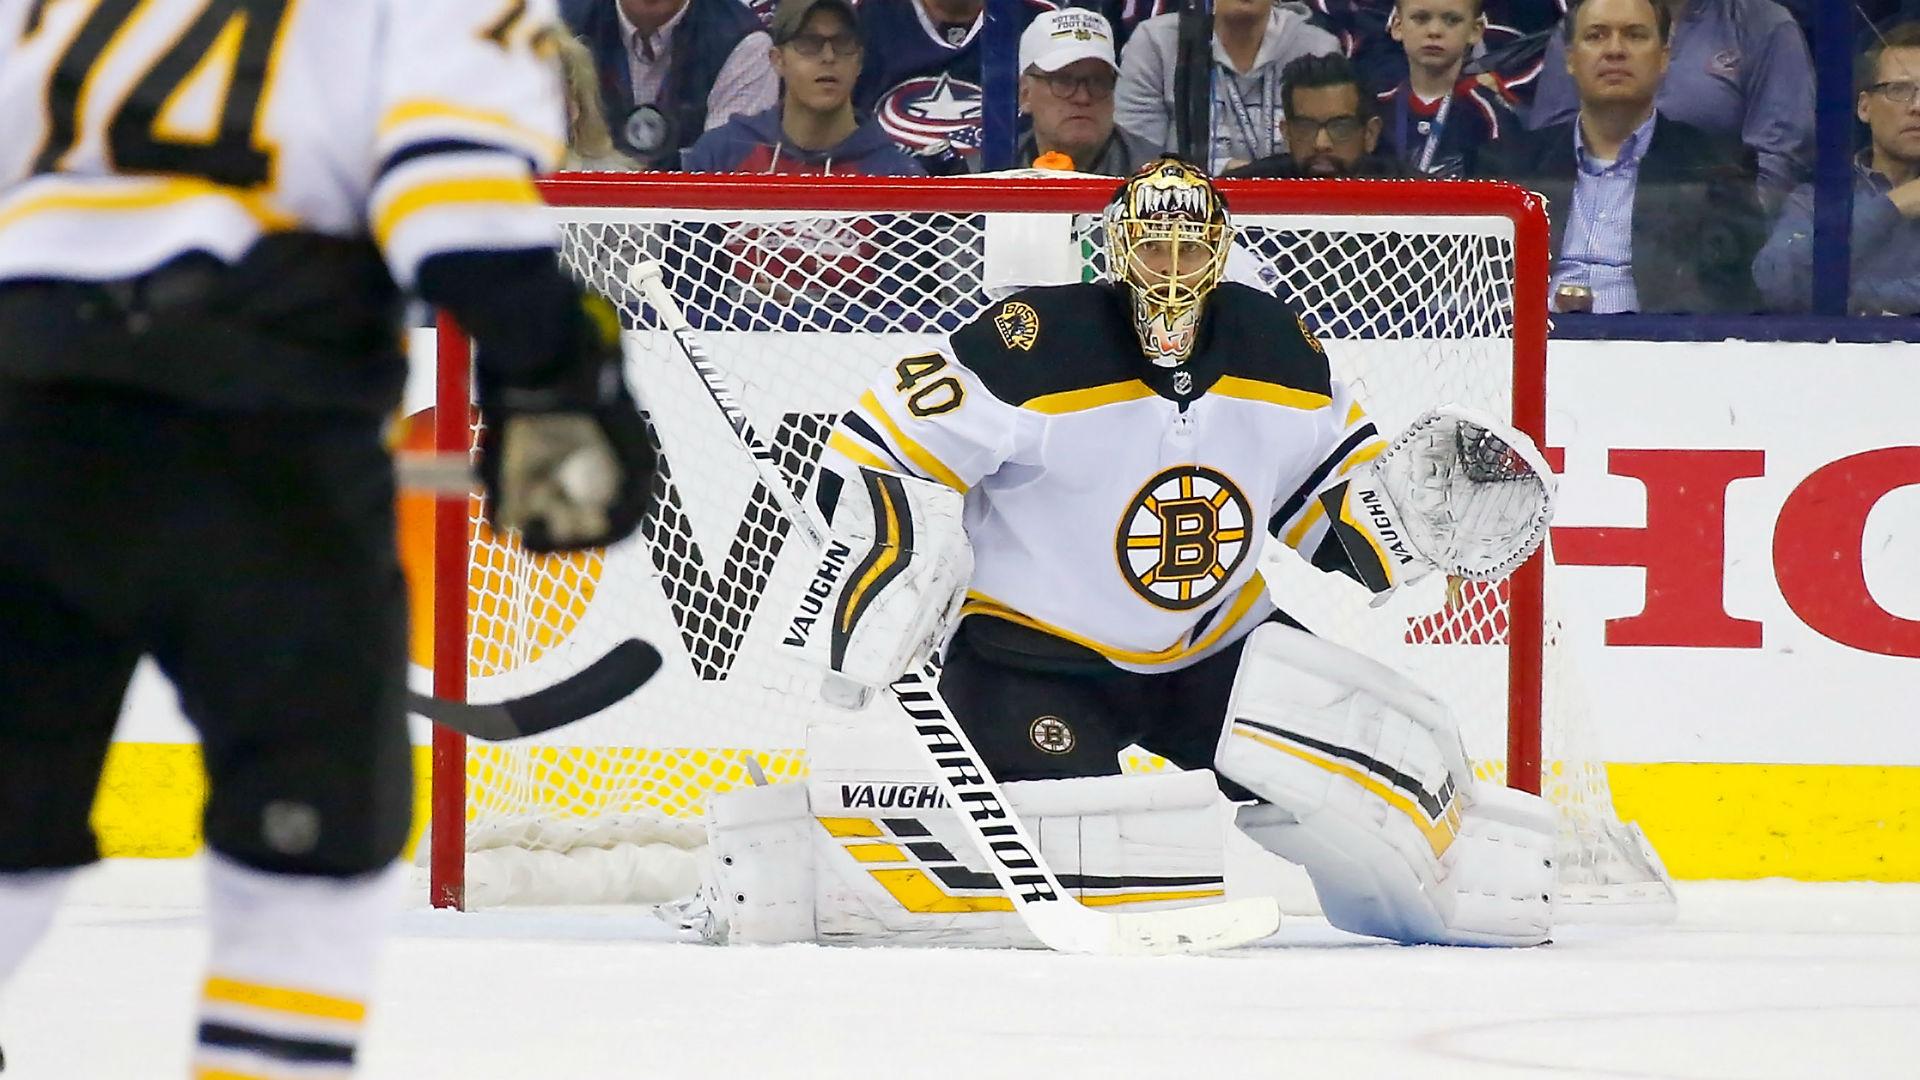 Bruins goaltender Tuukka Rask makes head save against Lightning 1